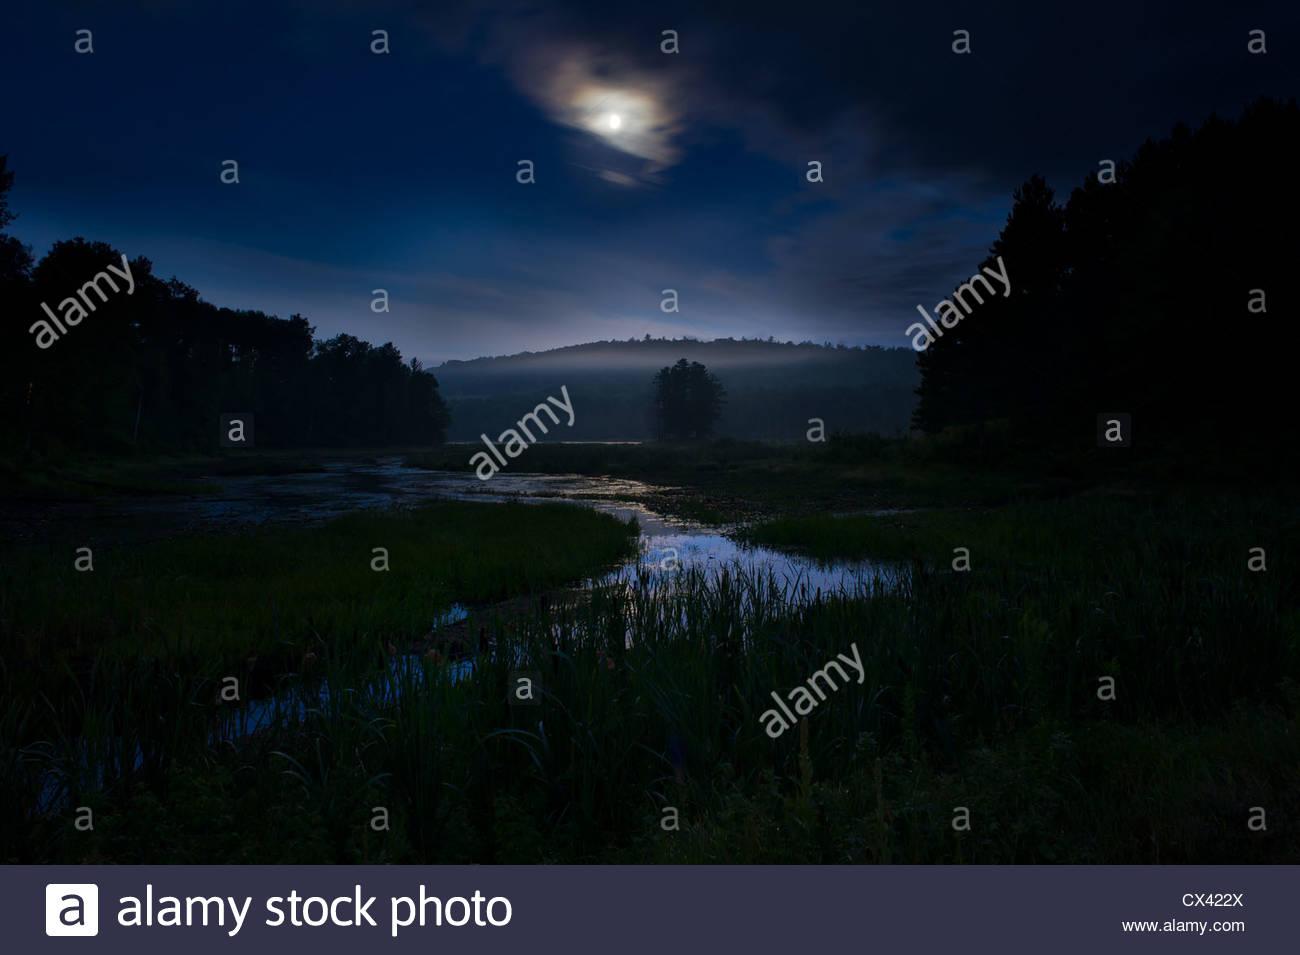 Aylen Moon madawaska lake stock photos & madawaska lake stock images